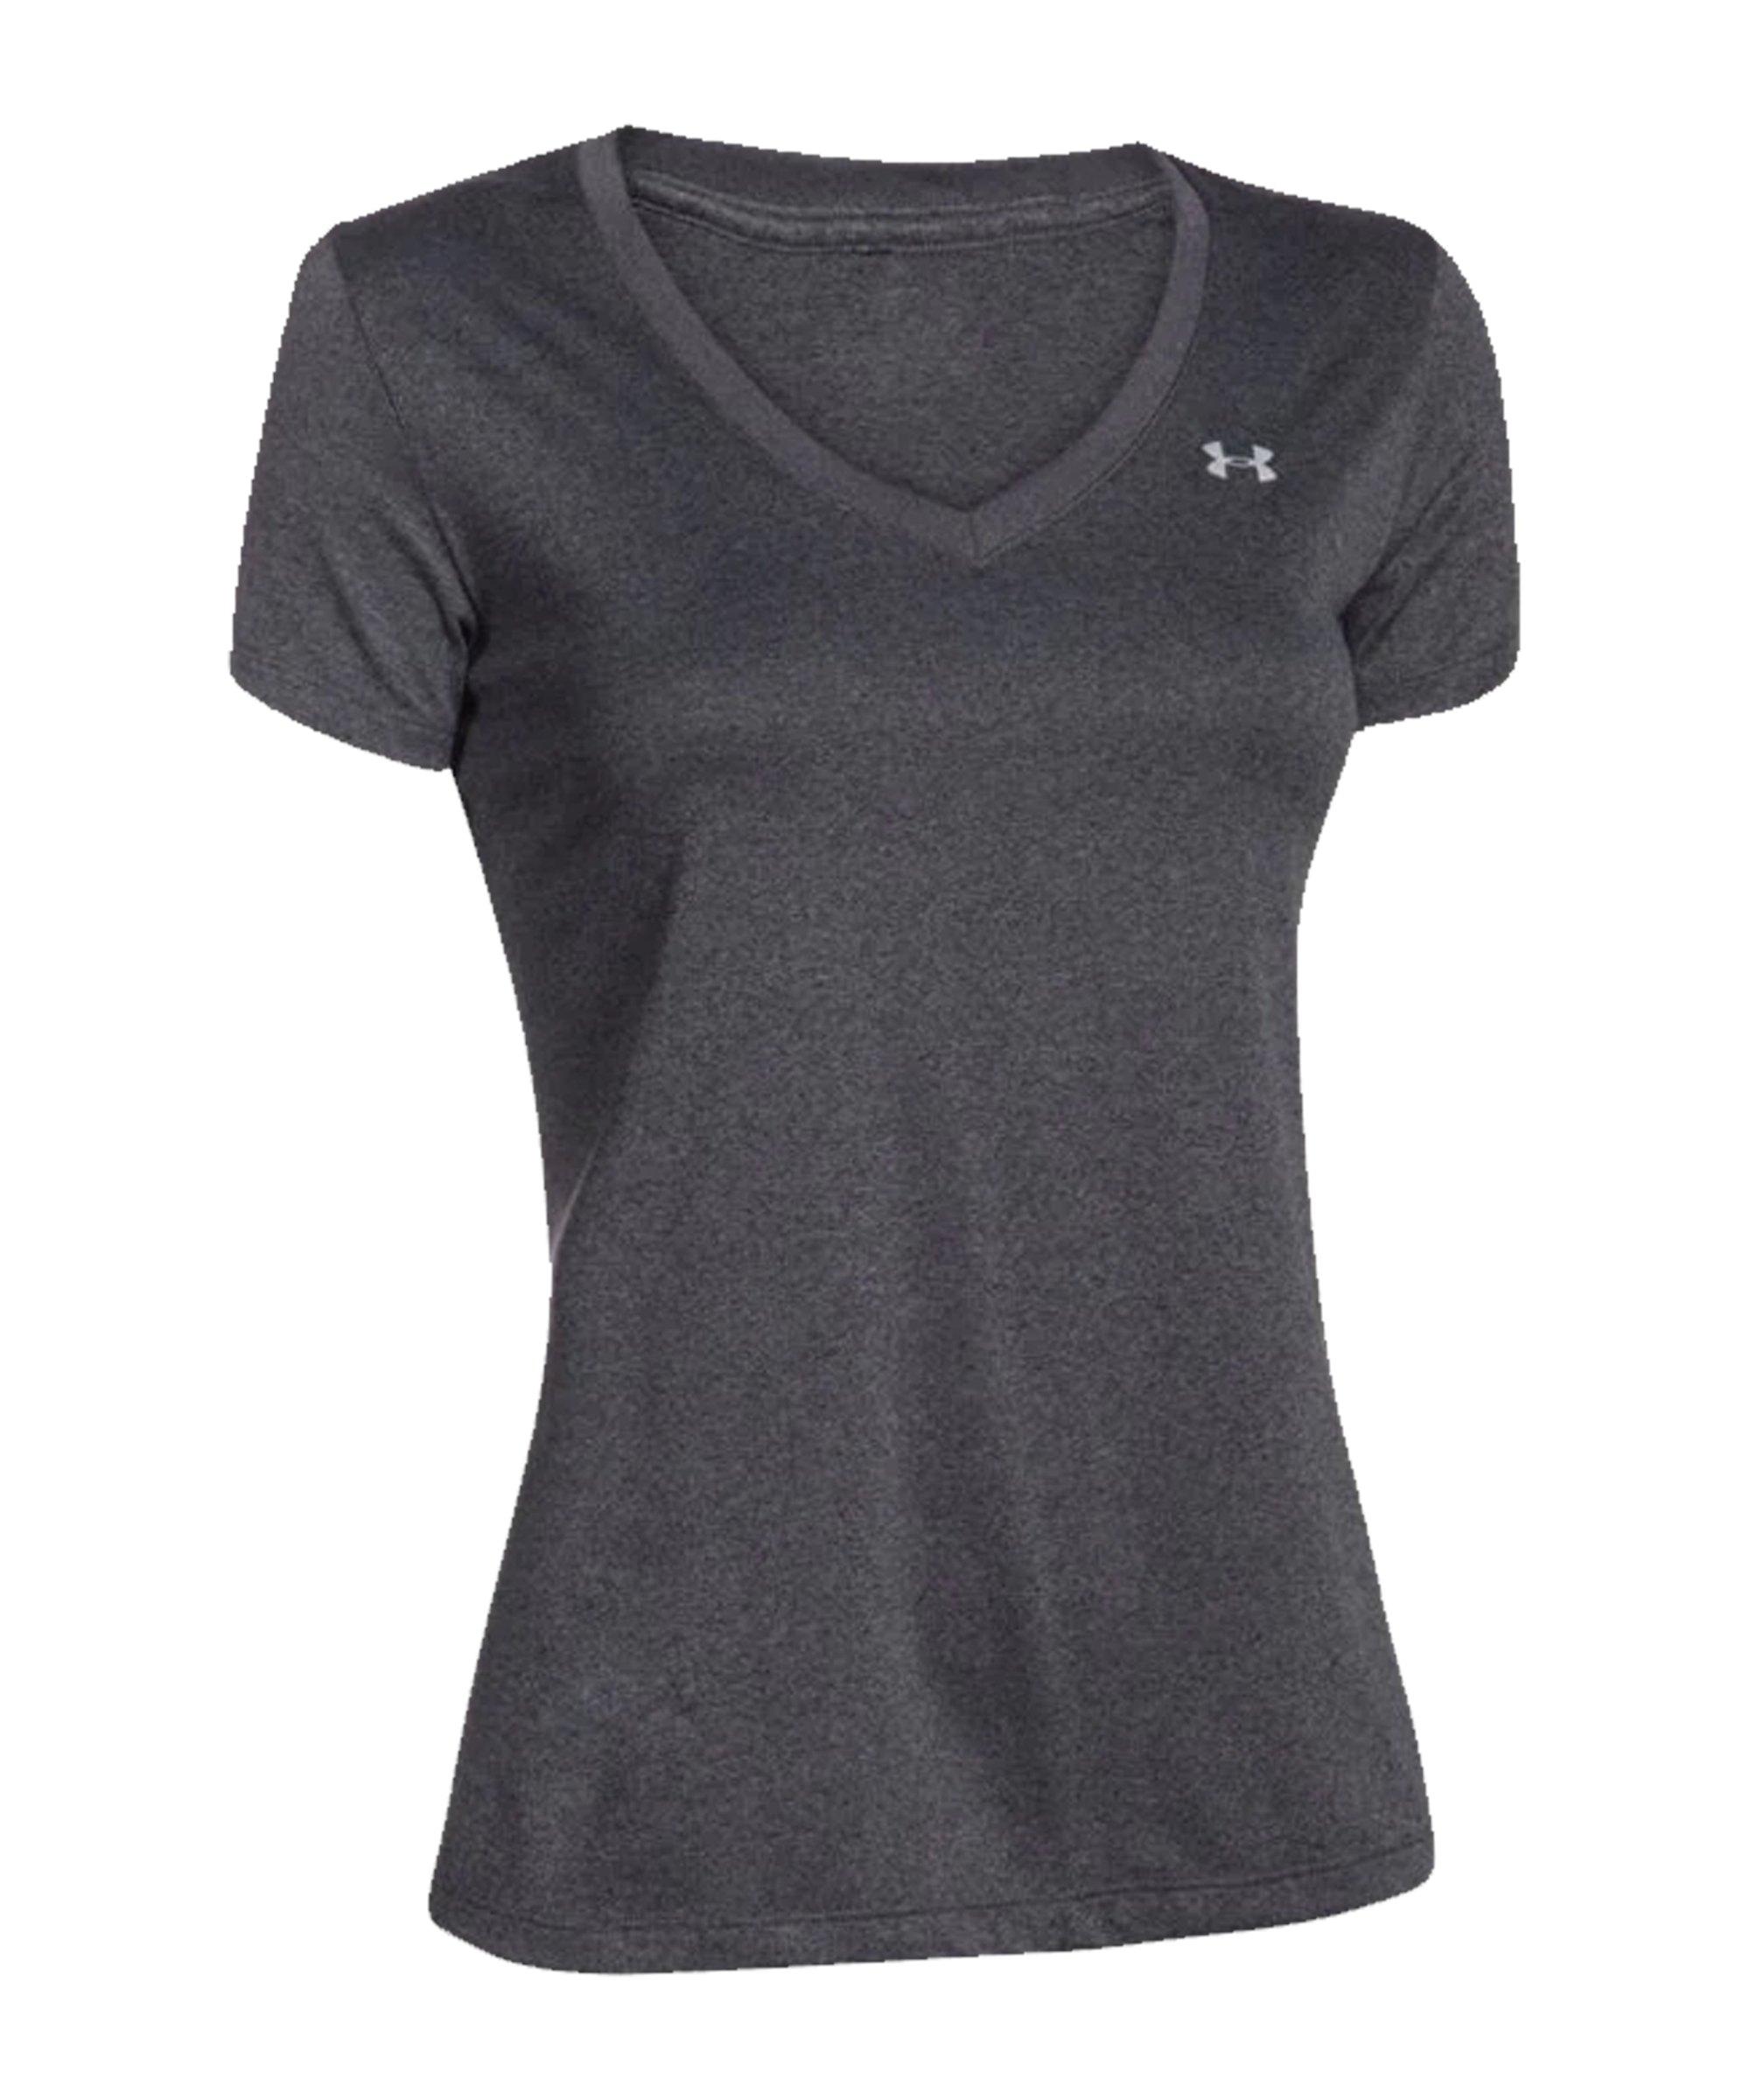 Under Armour Tech V-Neck T-Shirt Damen F090 - grau